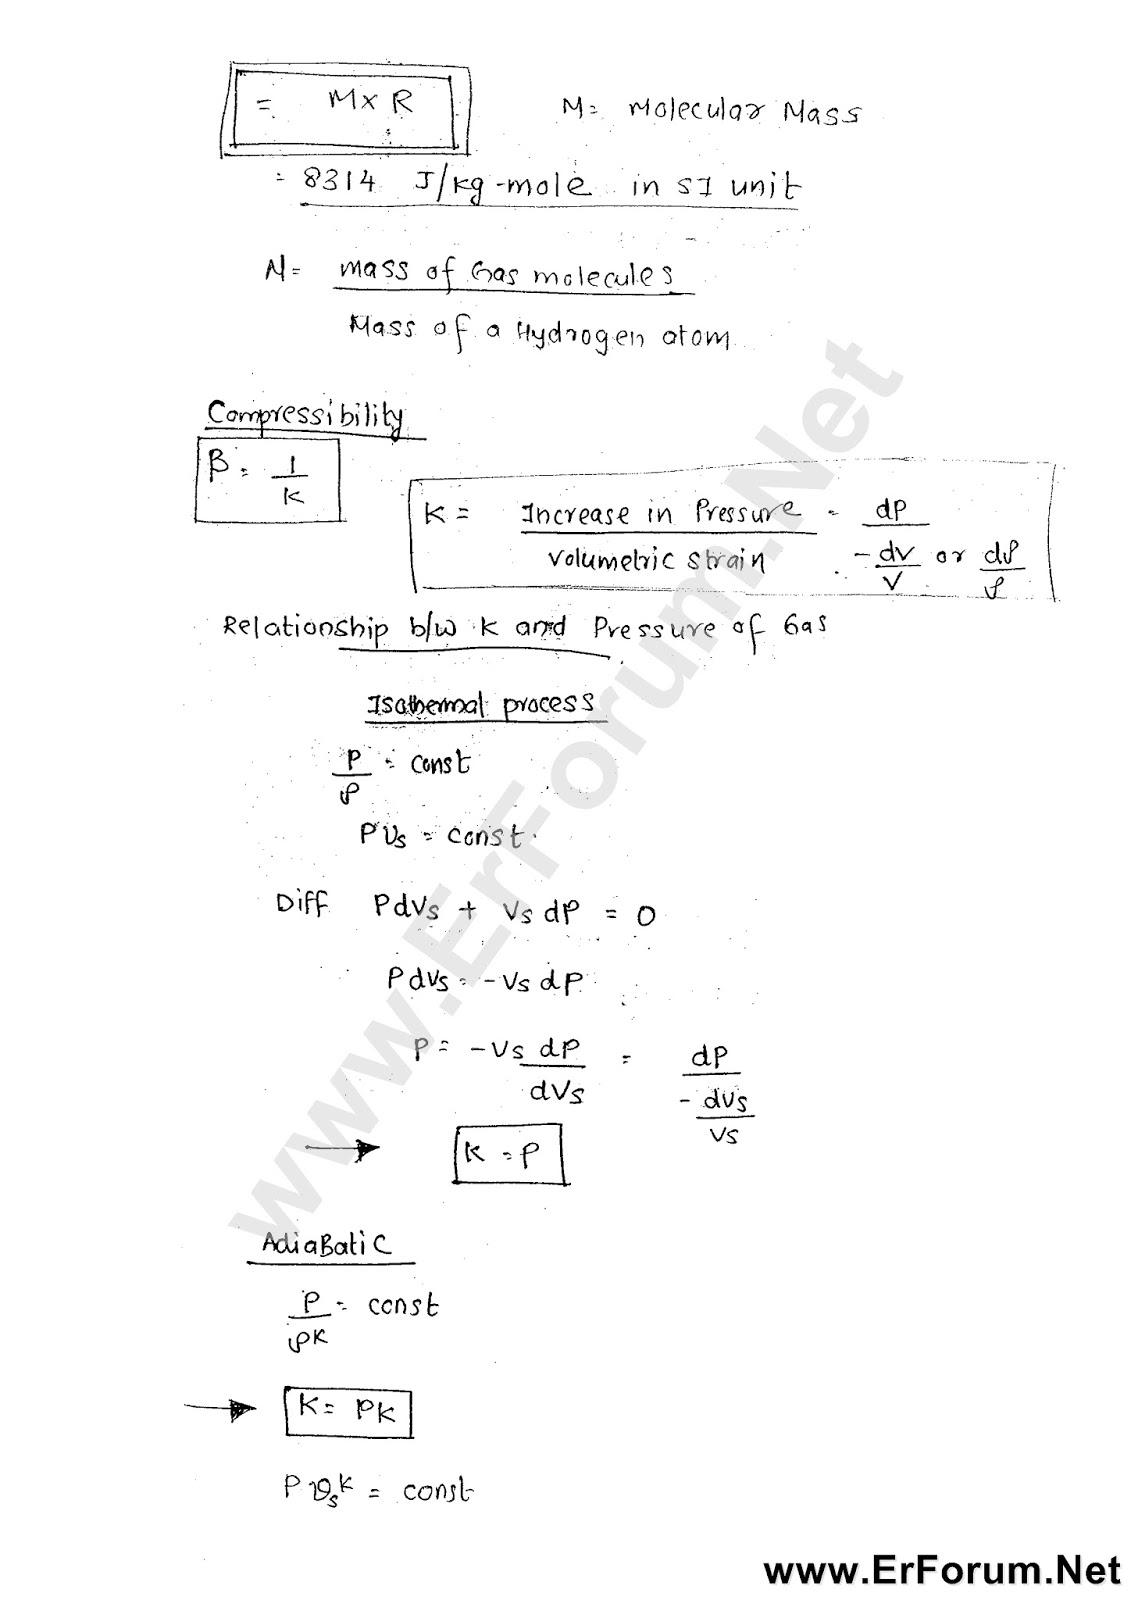 vapour-pressure-3